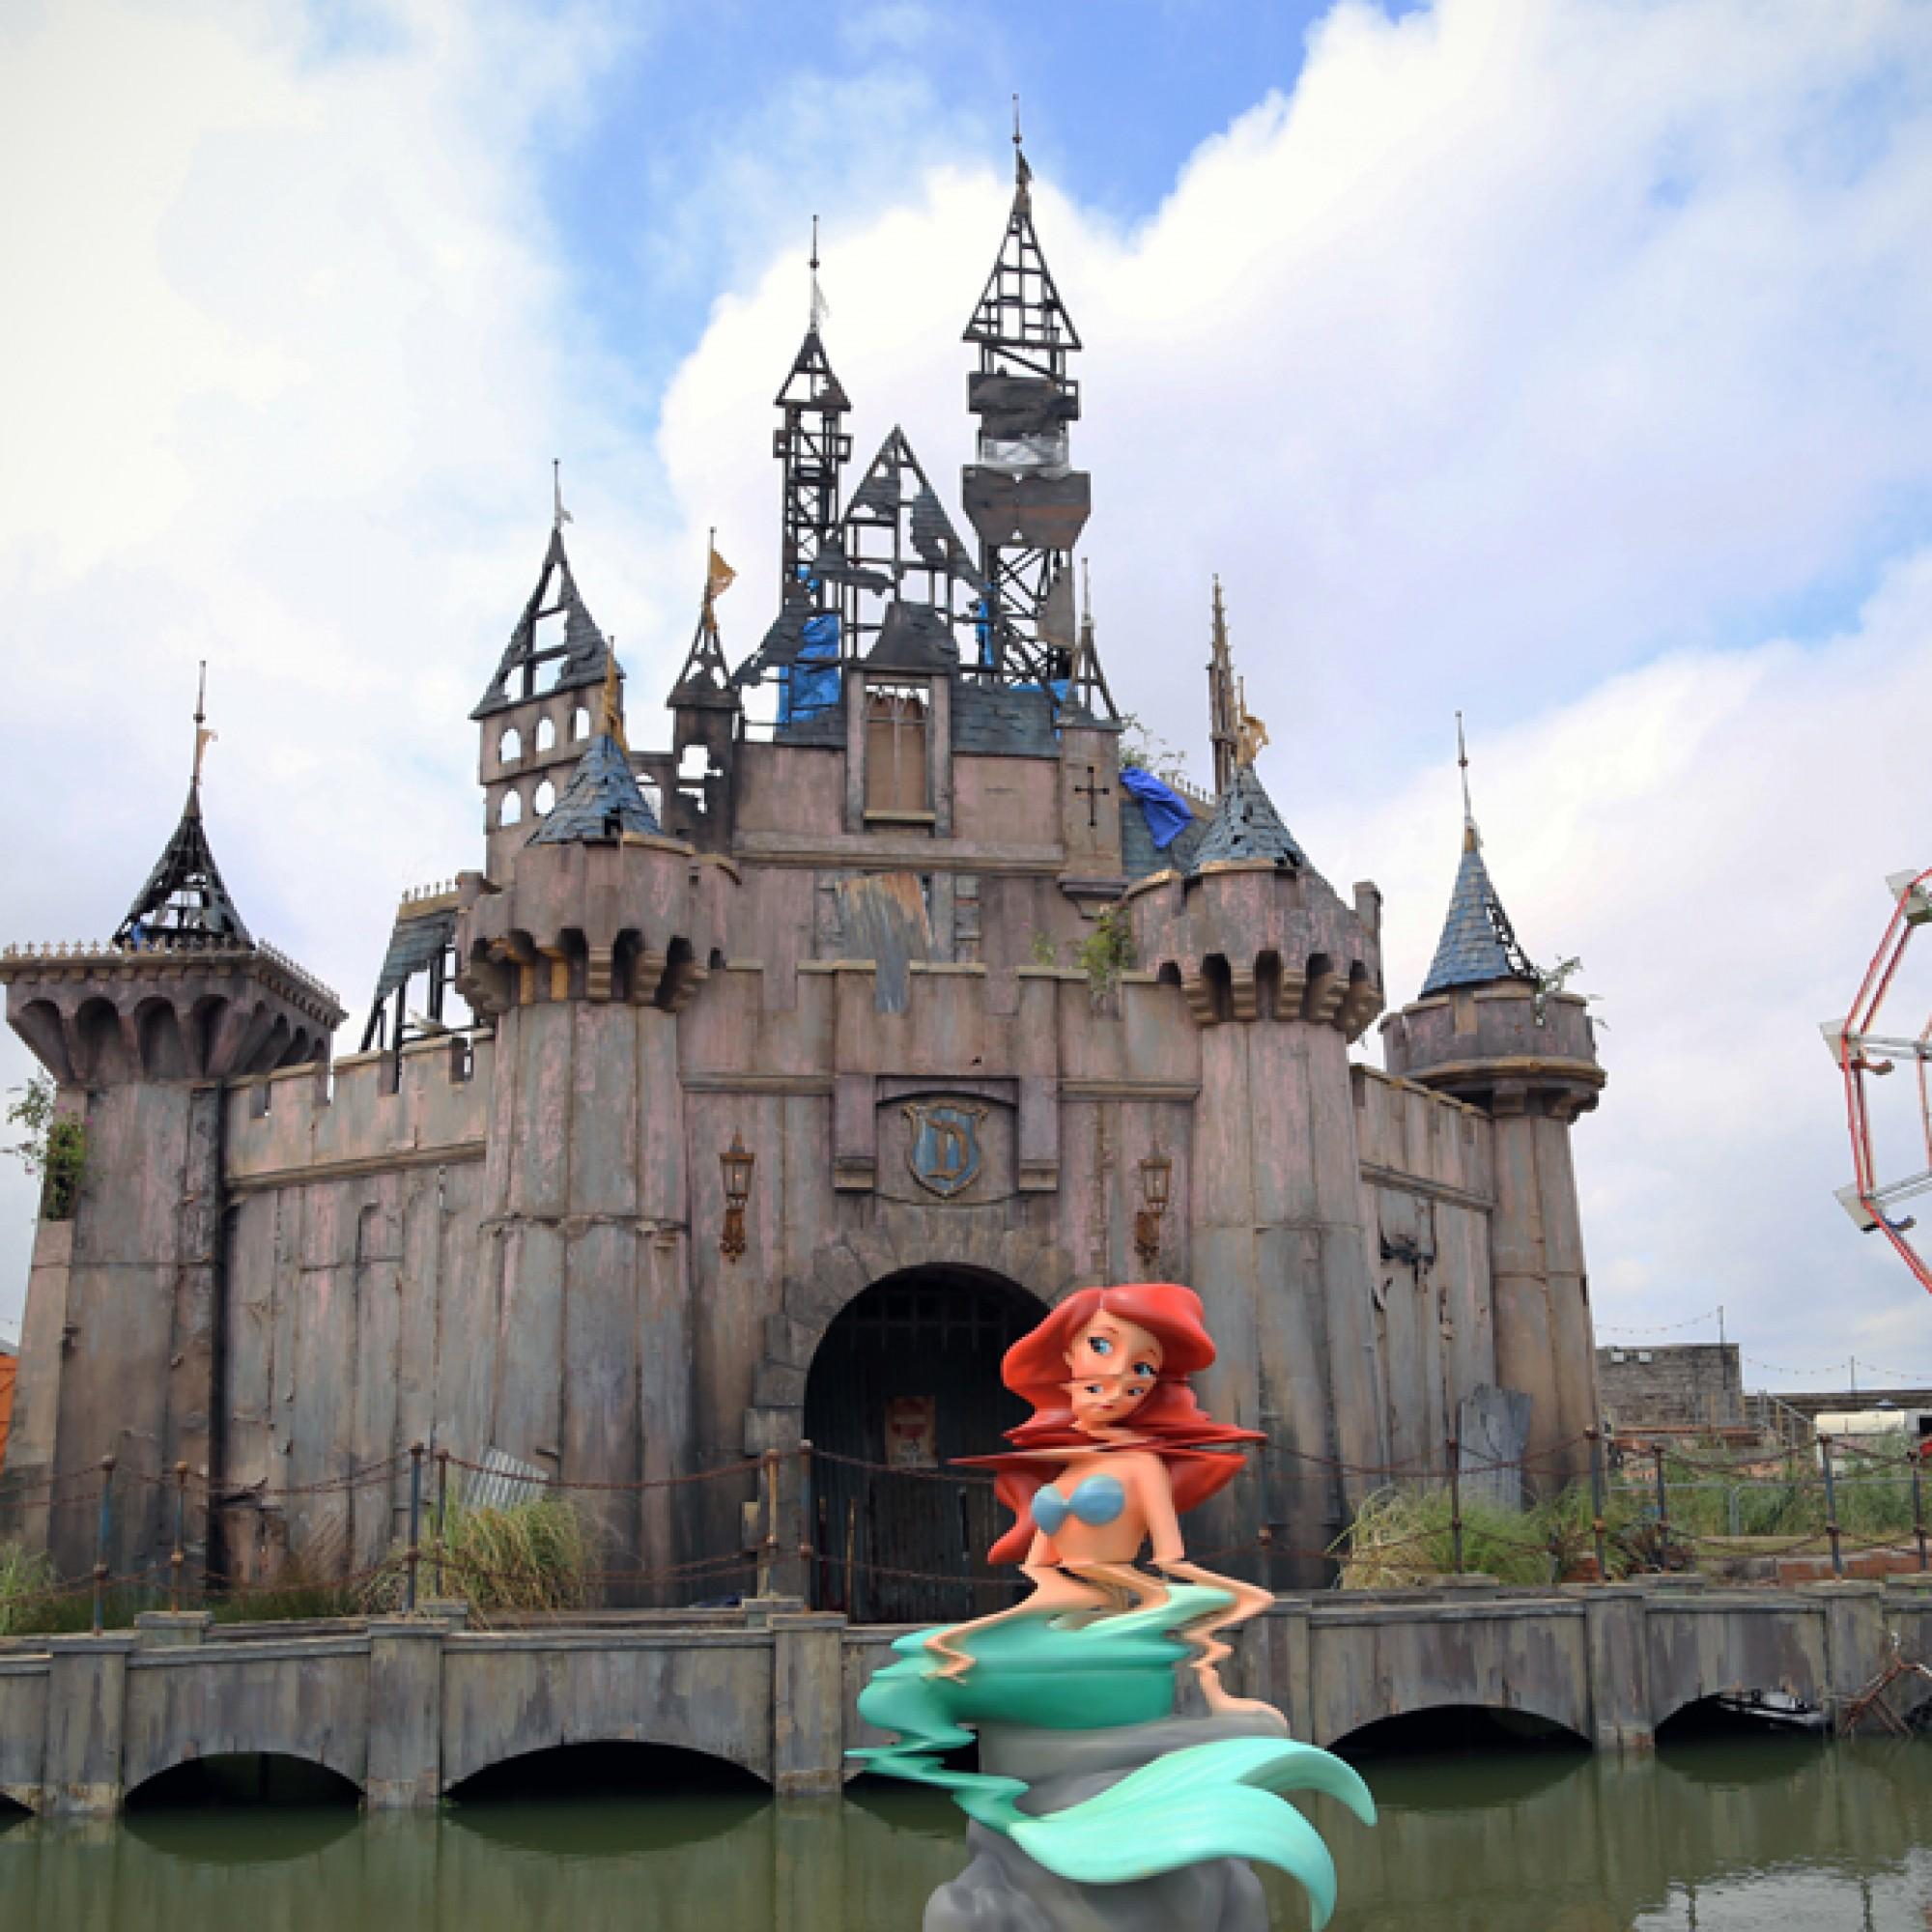 Keine Bildstörung, sondern eine verzerrte Skulptur: Arielle im Dismaland. (byrian, flickr, CC)